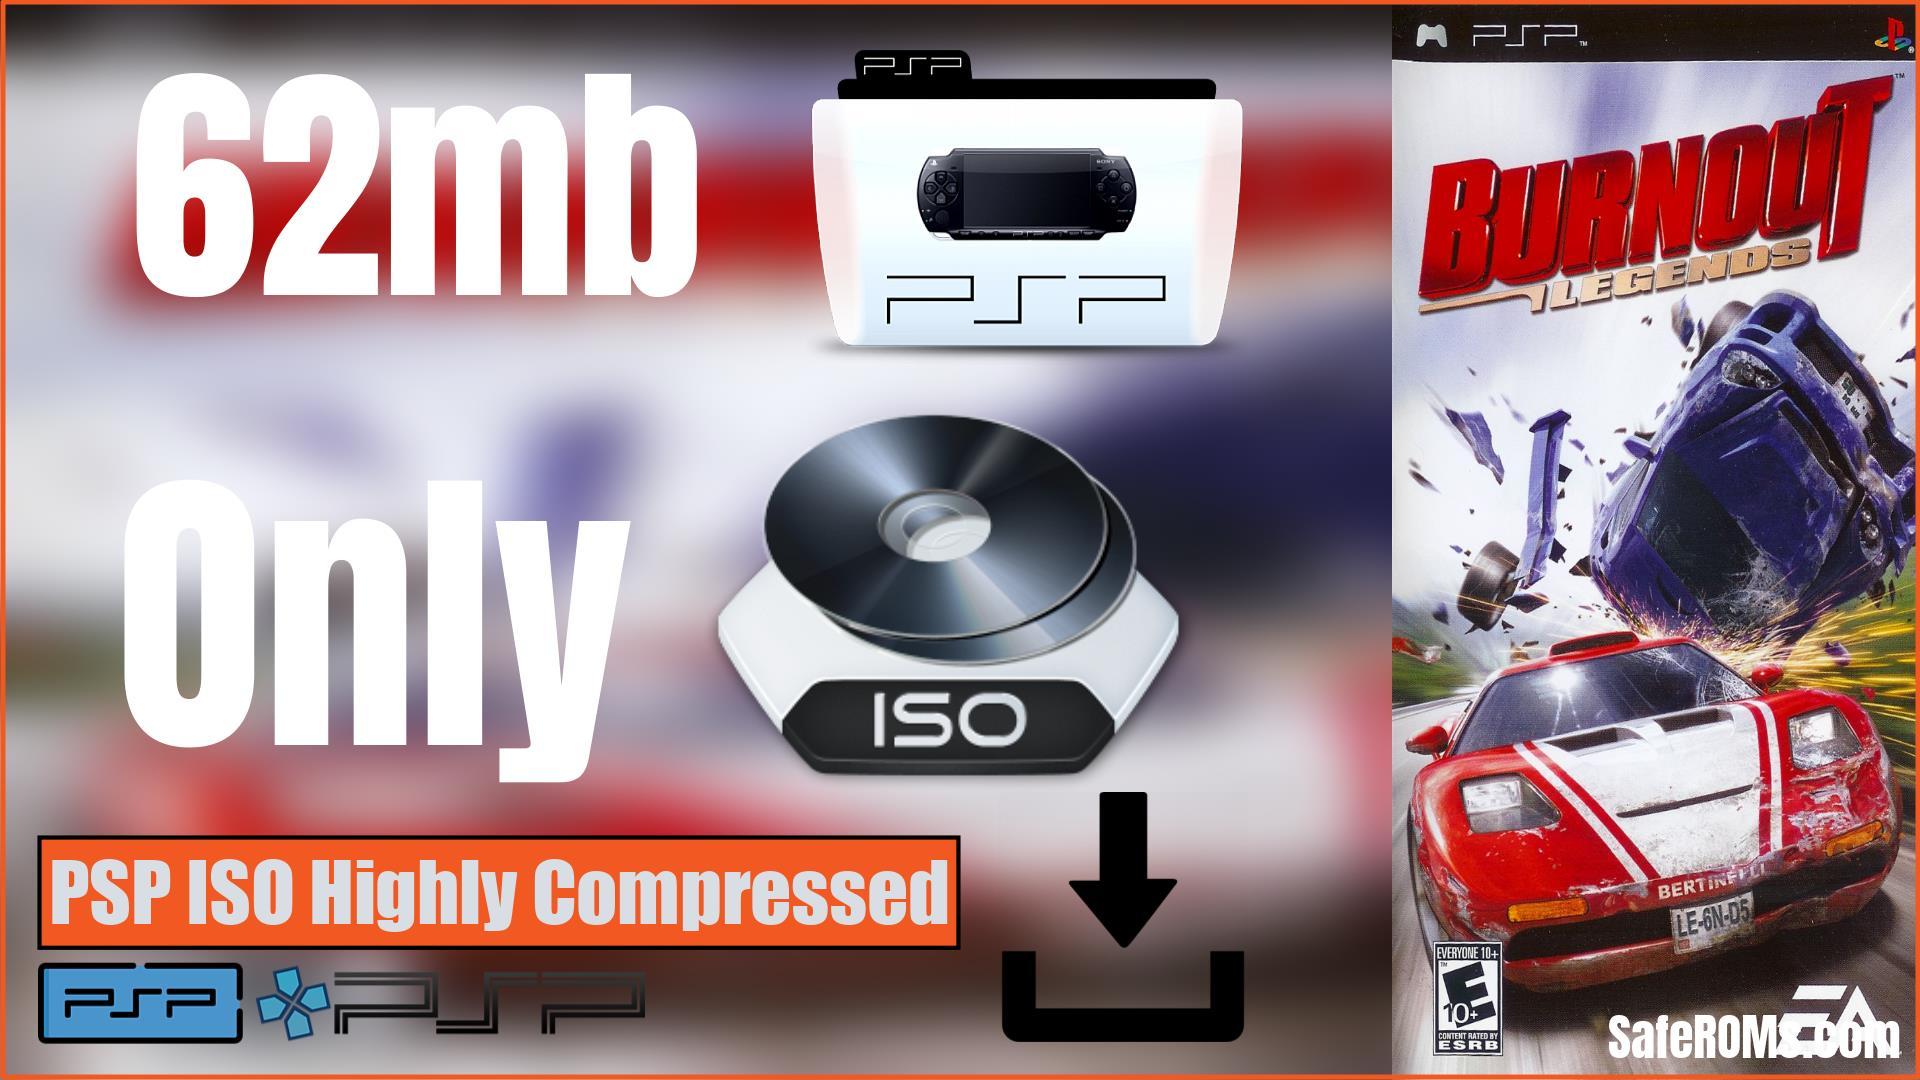 Burnout Legends PSP ISO Highly Compressed